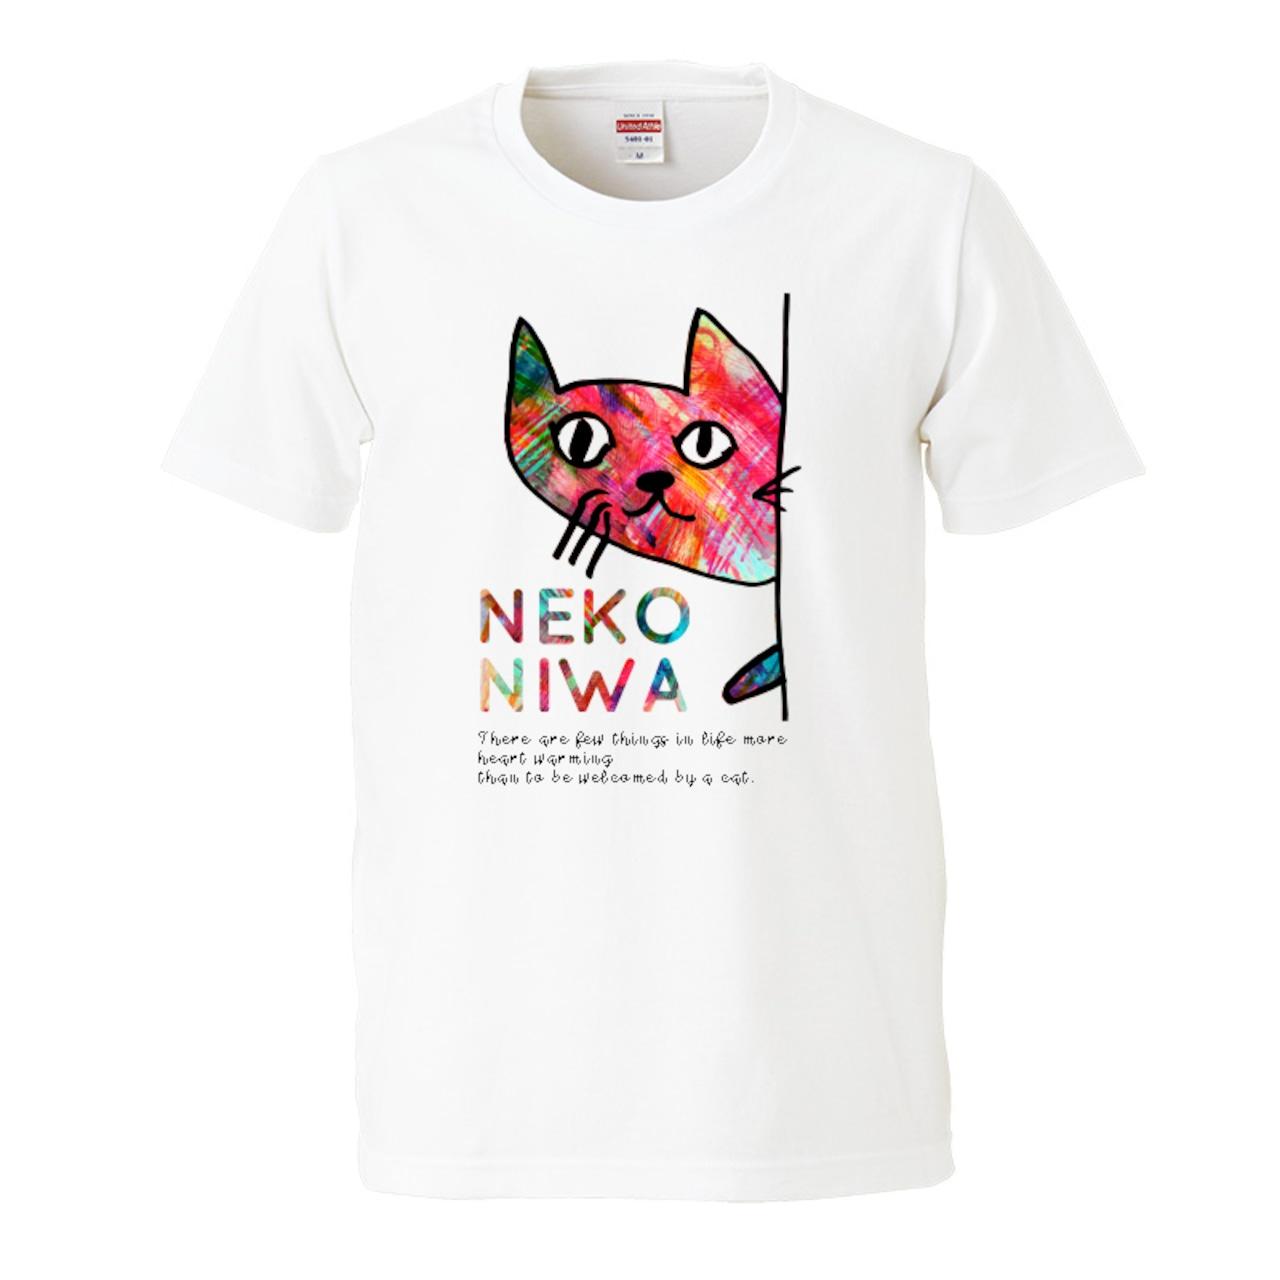 猫庭Tシャツ 2019 autumn Collection vol.2 送料無料‼